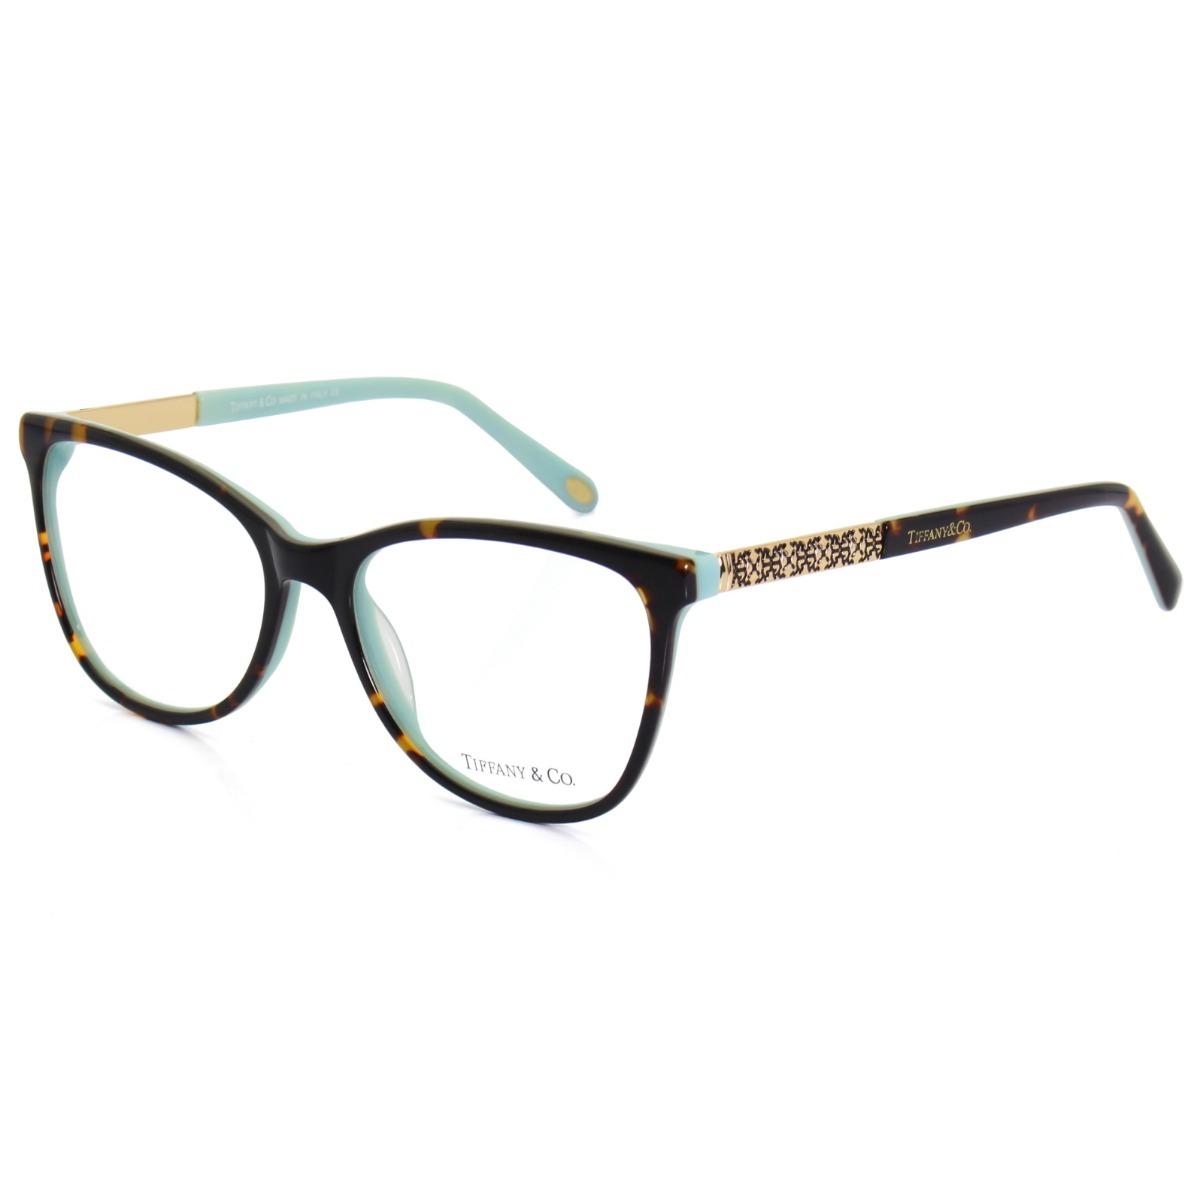 fa87b860e Armação Oculos De Grau Tiffany   Co. Tf2099 Acetato - R  129